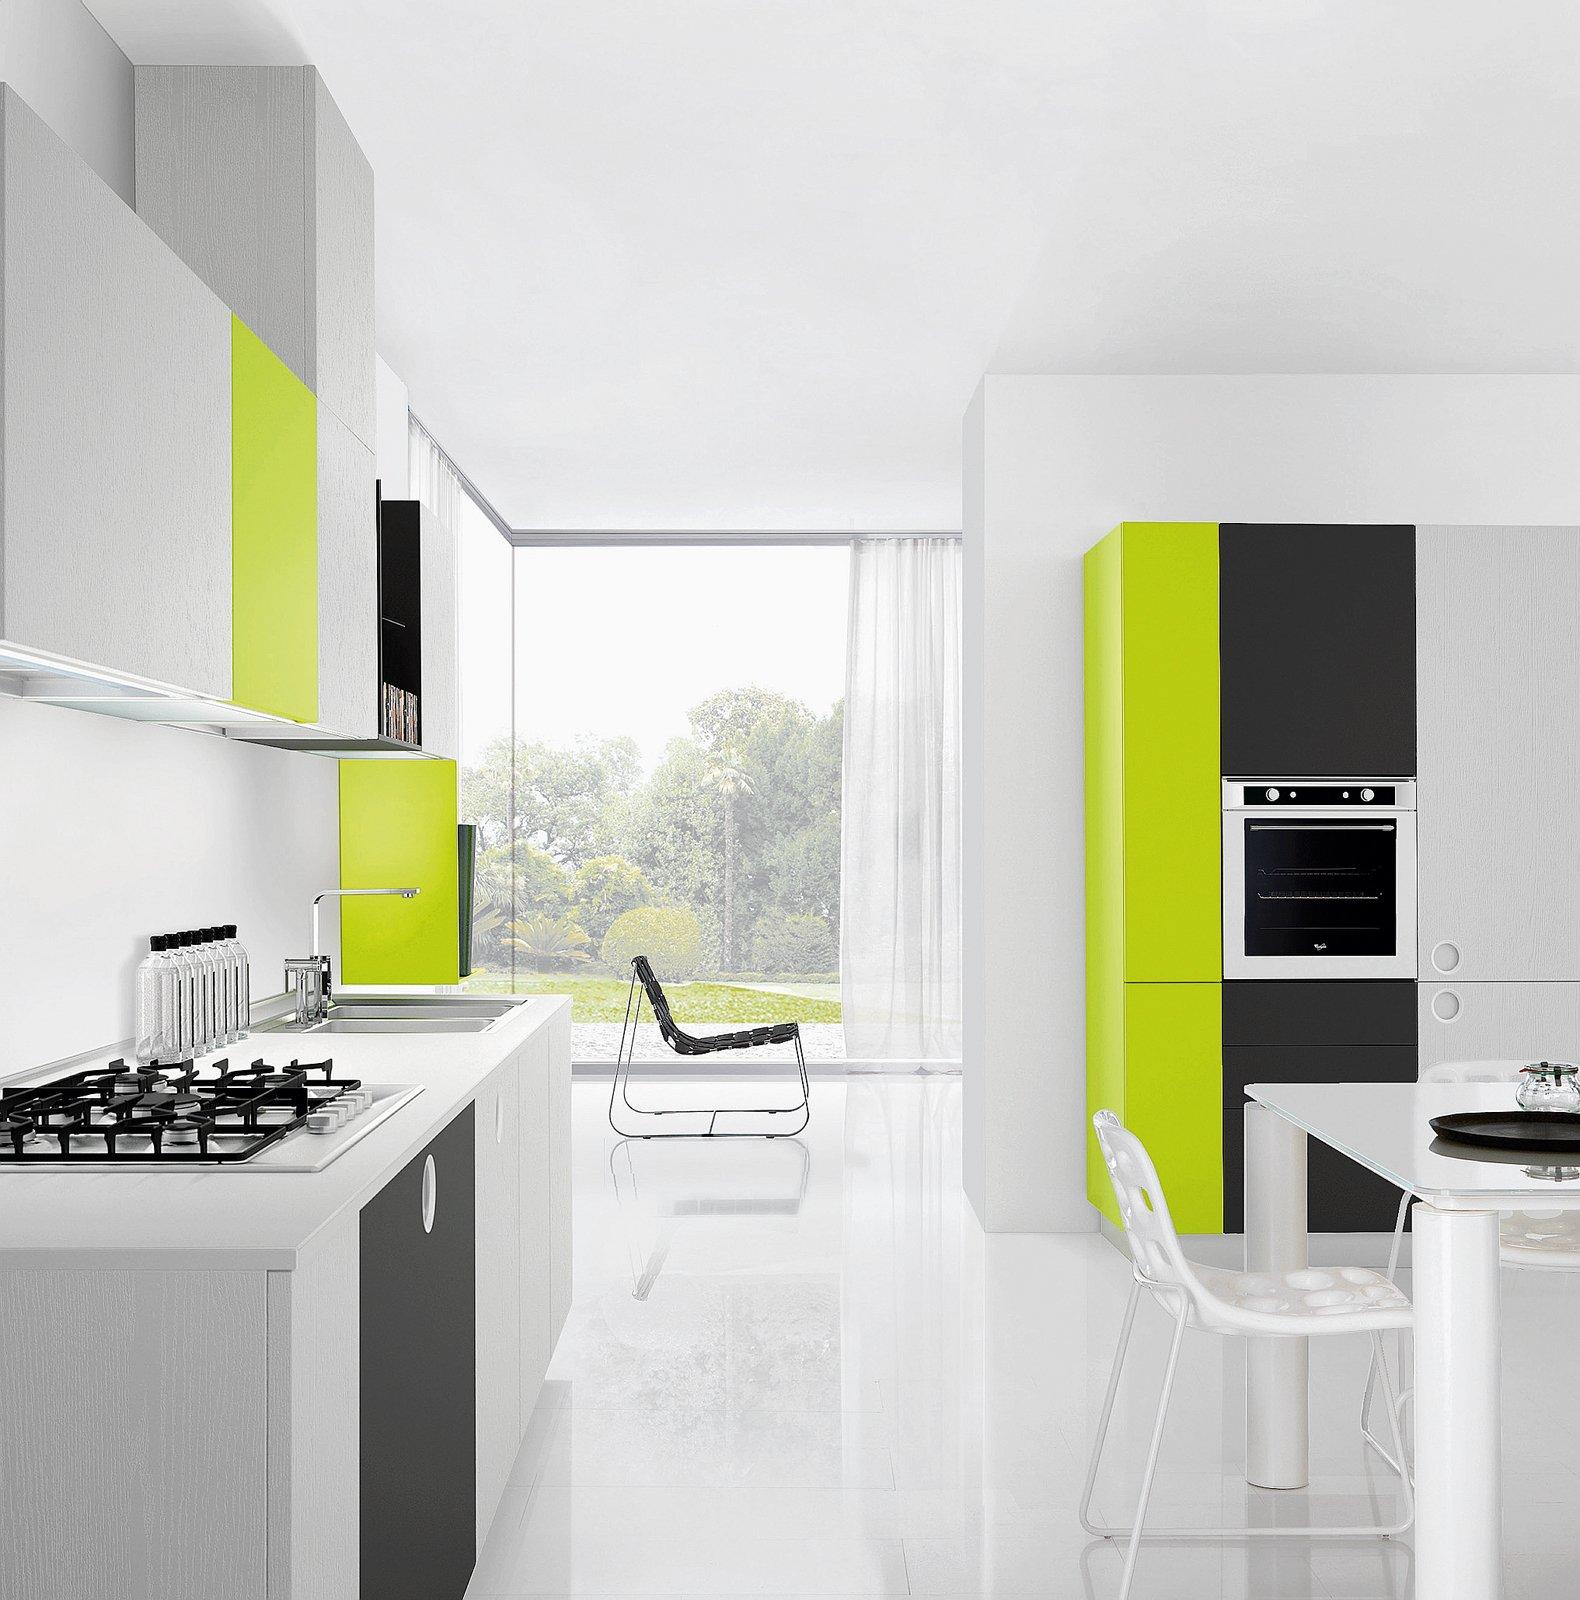 La cucina colorata un guizzo di vitalit cose di casa for Casa con due soggiorni